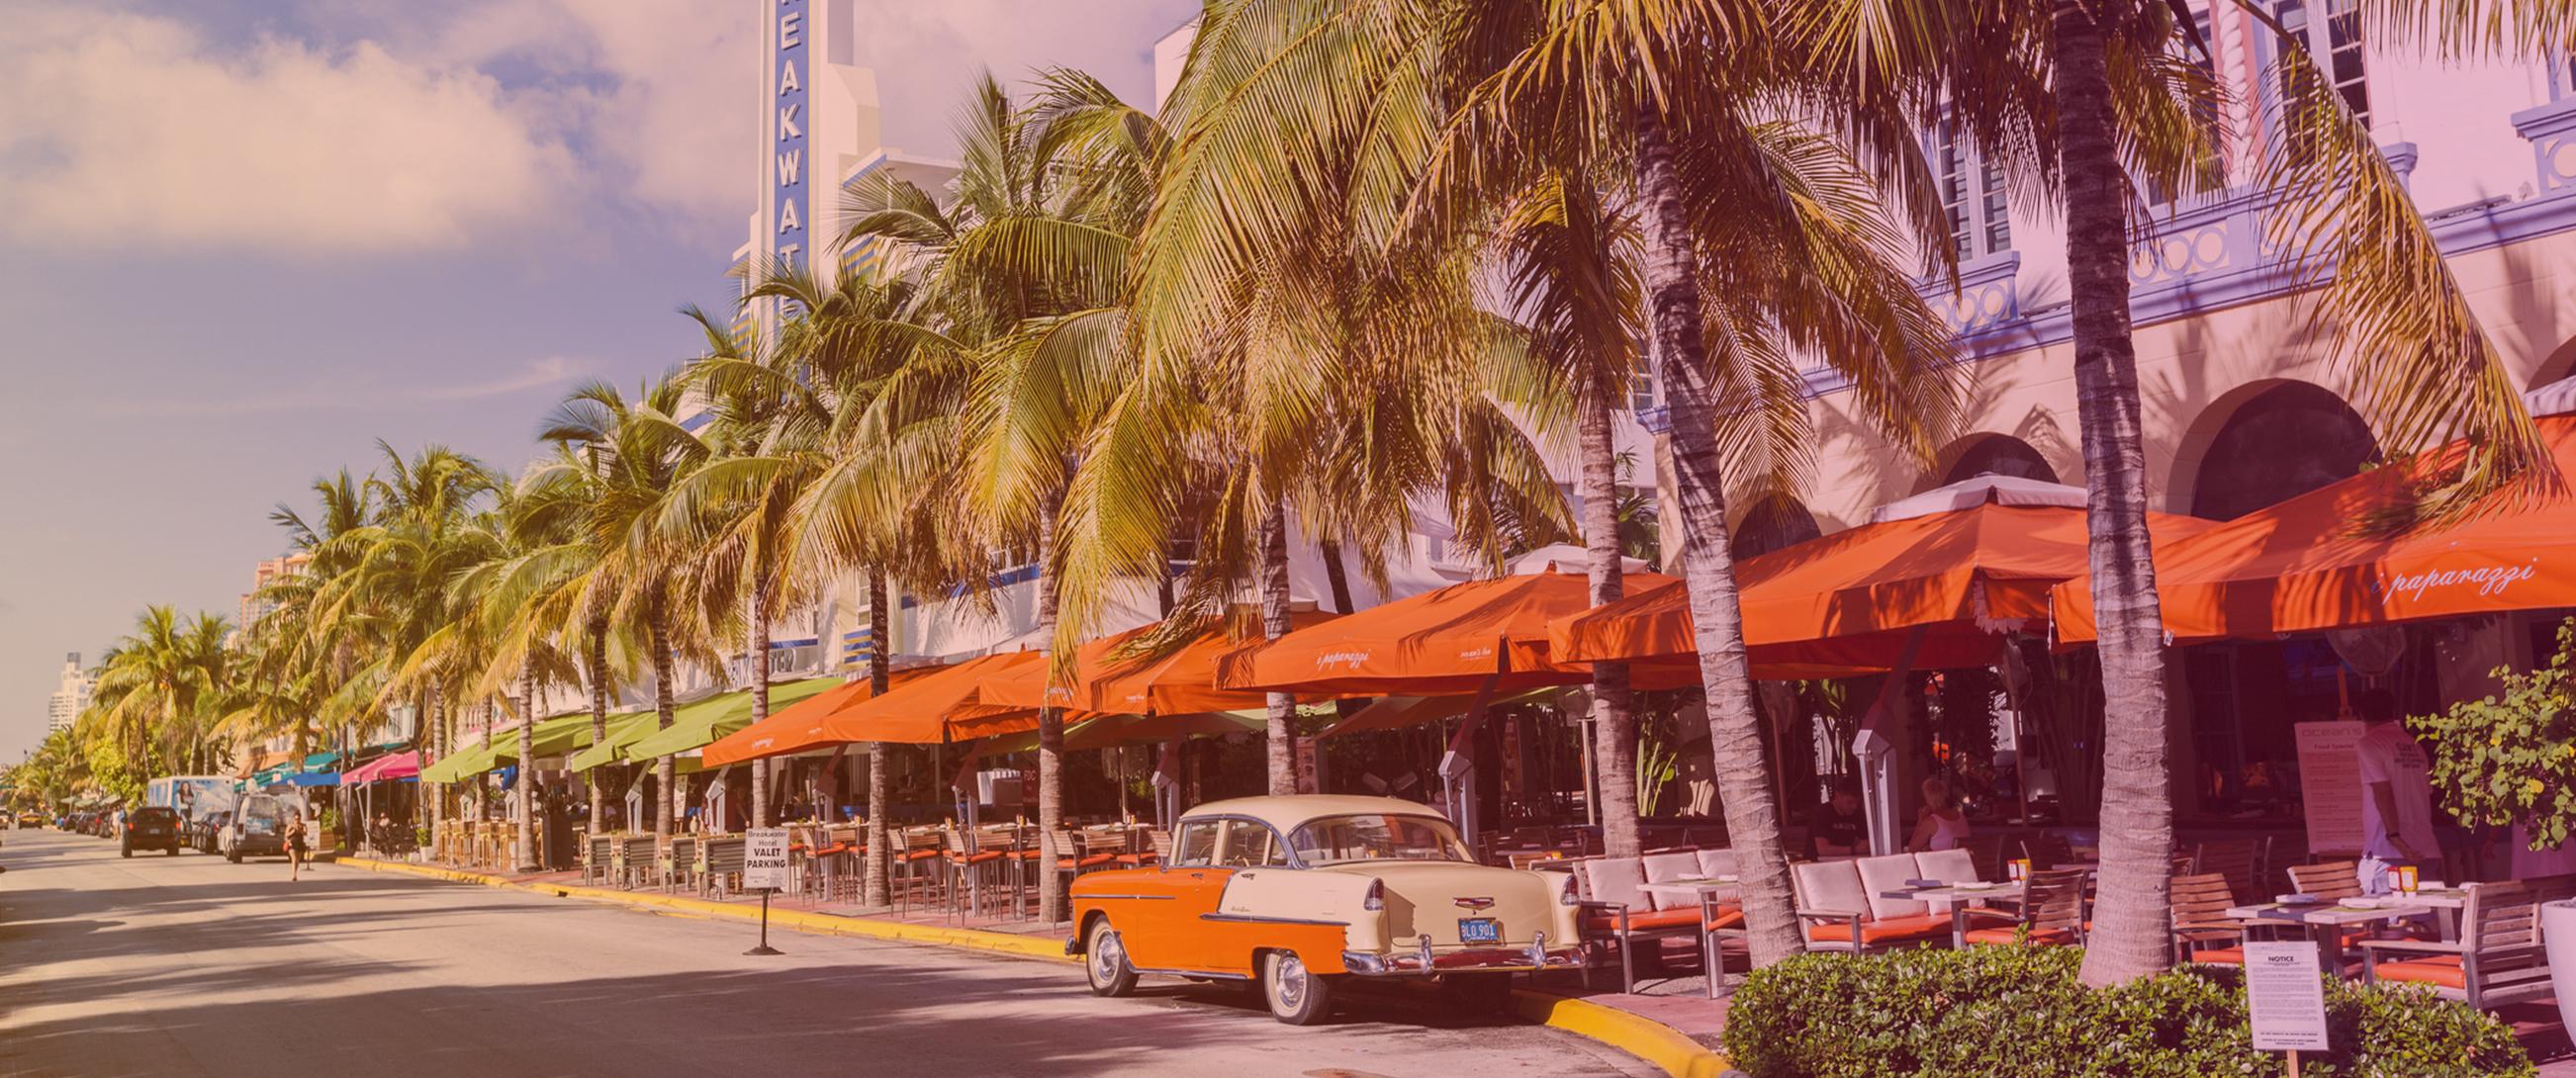 Séminaire Miami agence évènementielle toulouse